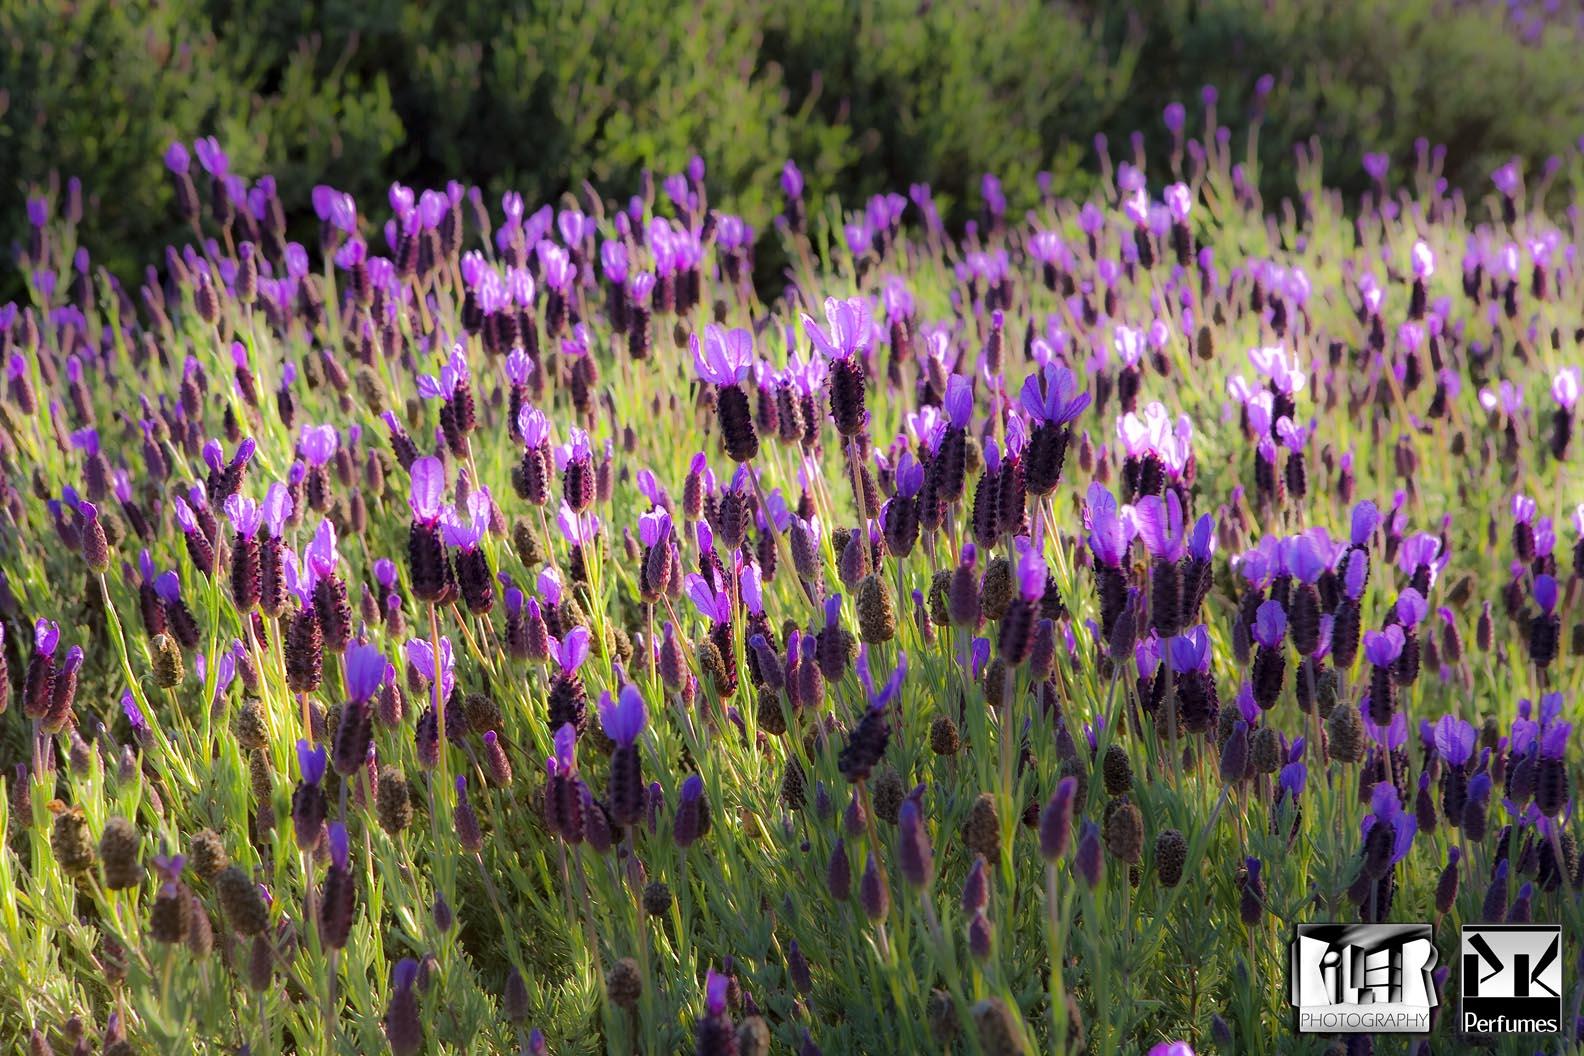 Lavender 1 - PK Perfumes